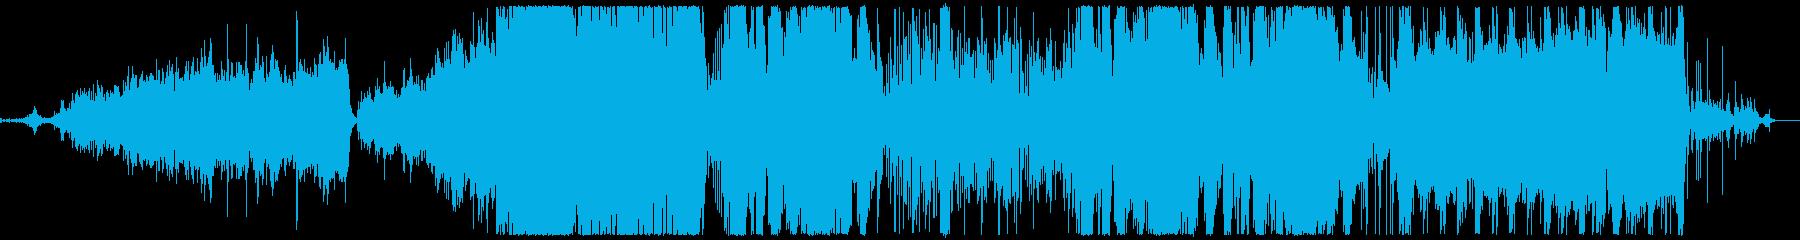 キラキラした魔法をイメージした曲の再生済みの波形